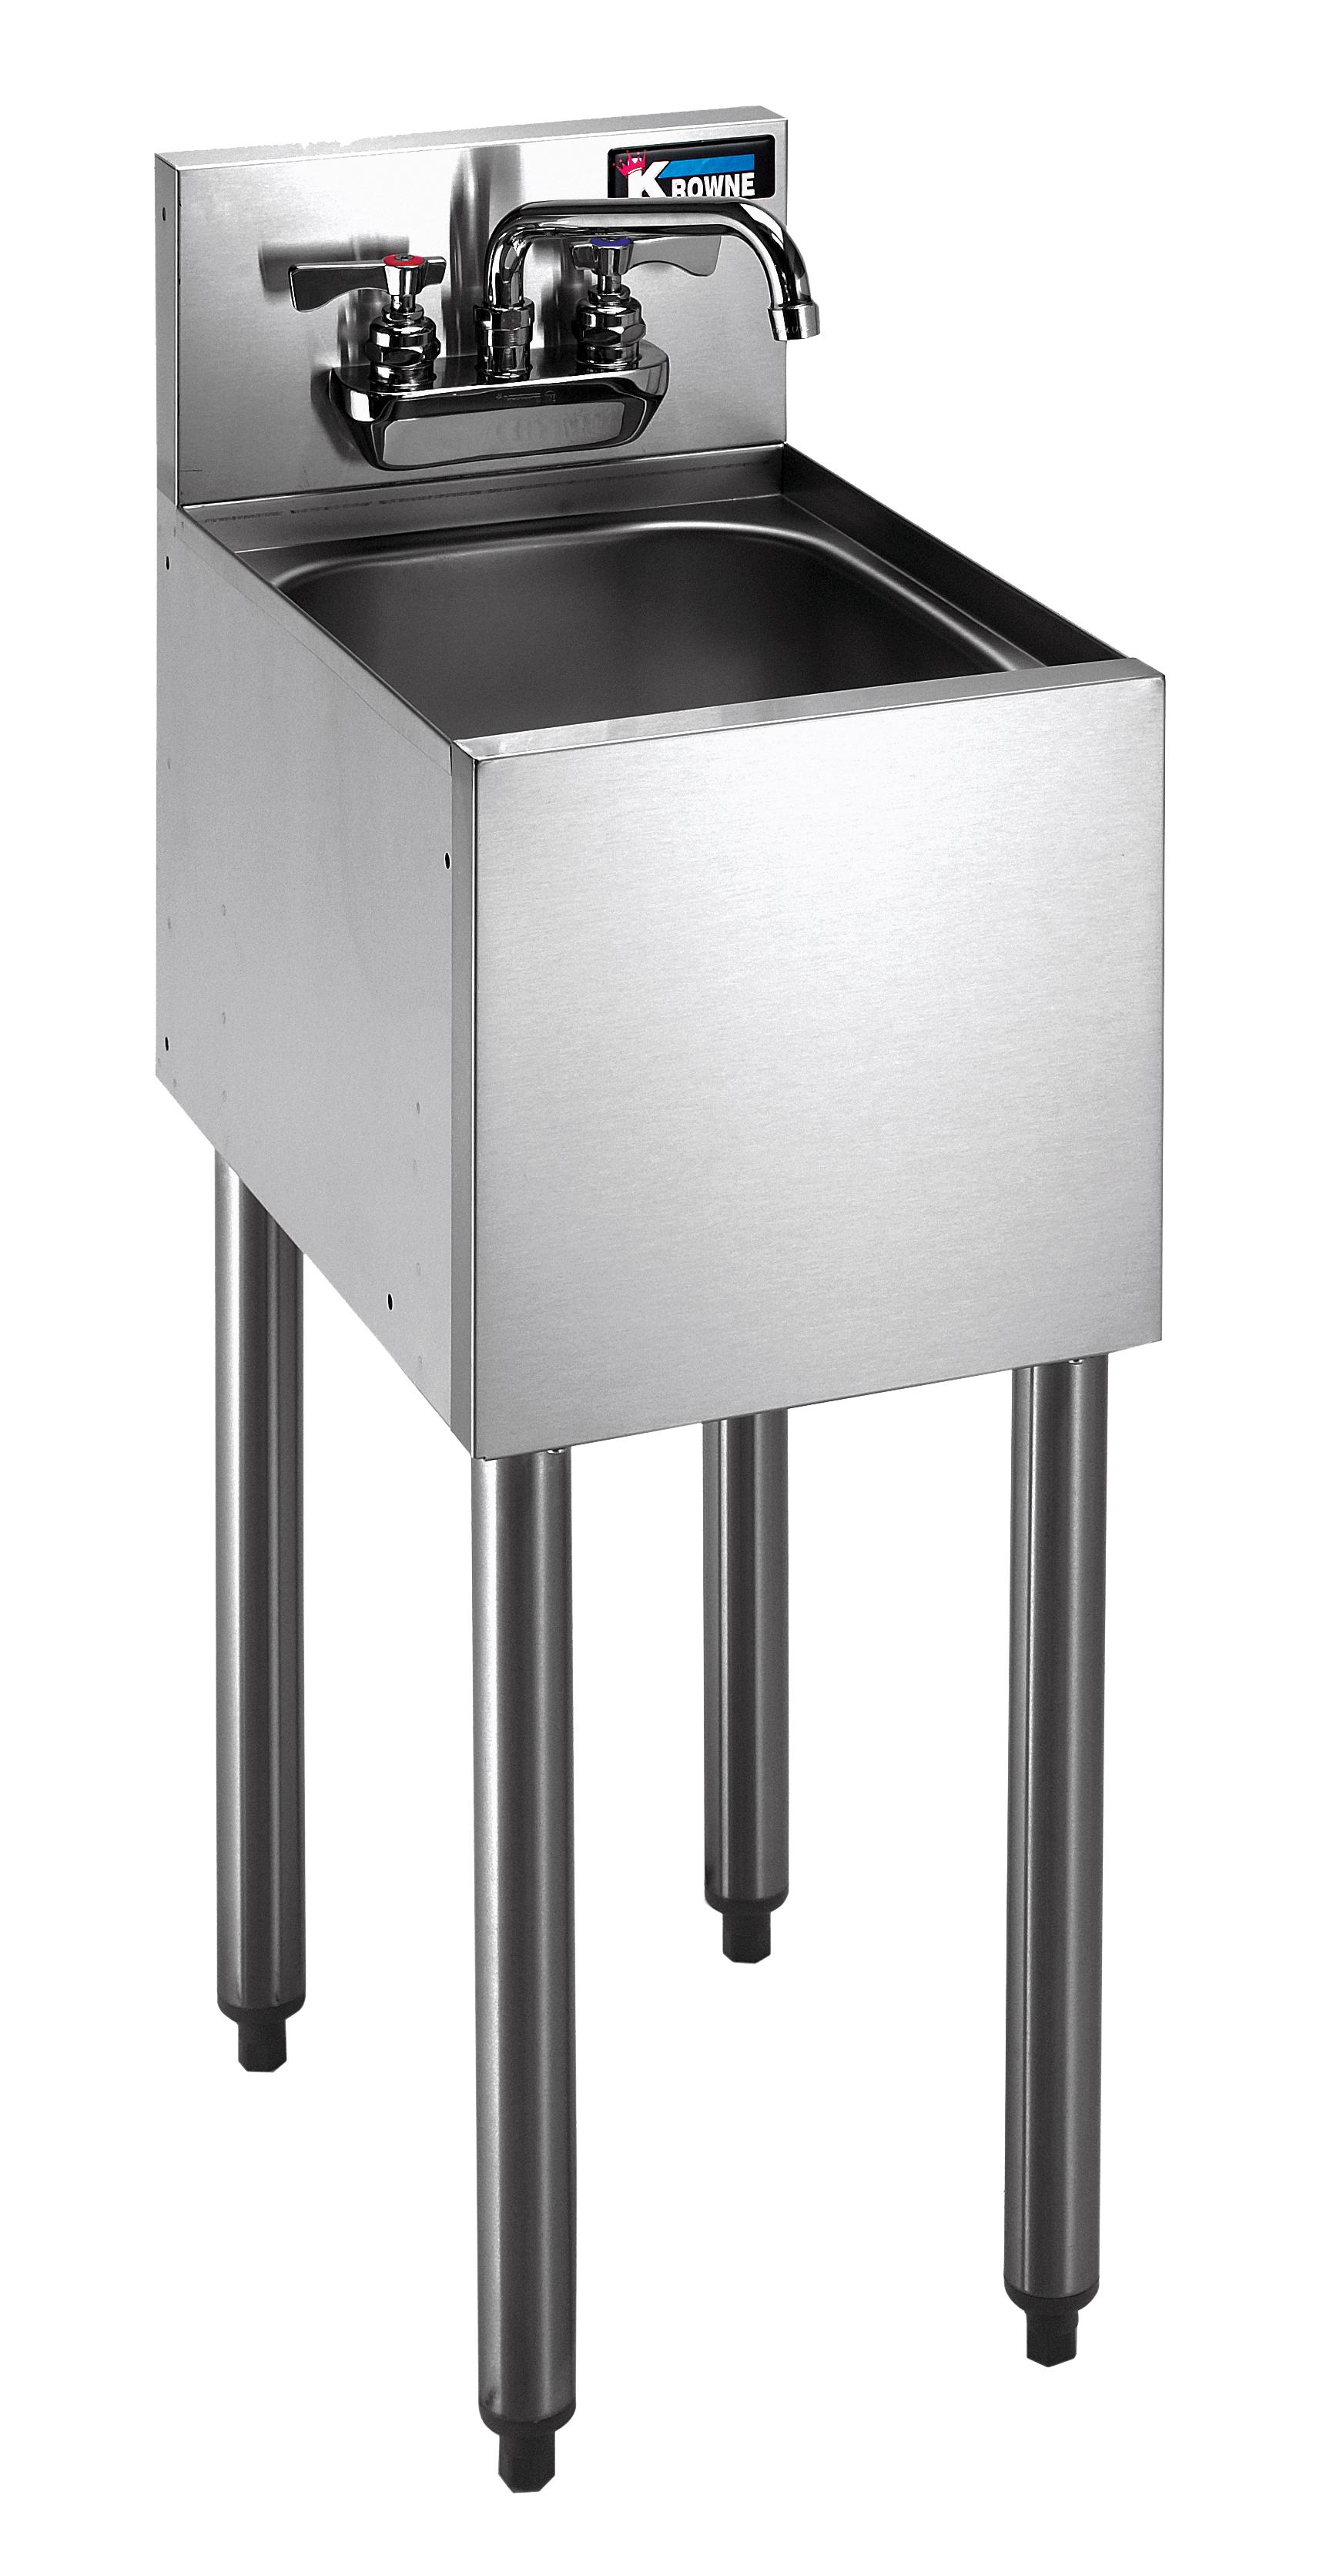 Krowne Metal KR18-1CD underbar hand sink unit